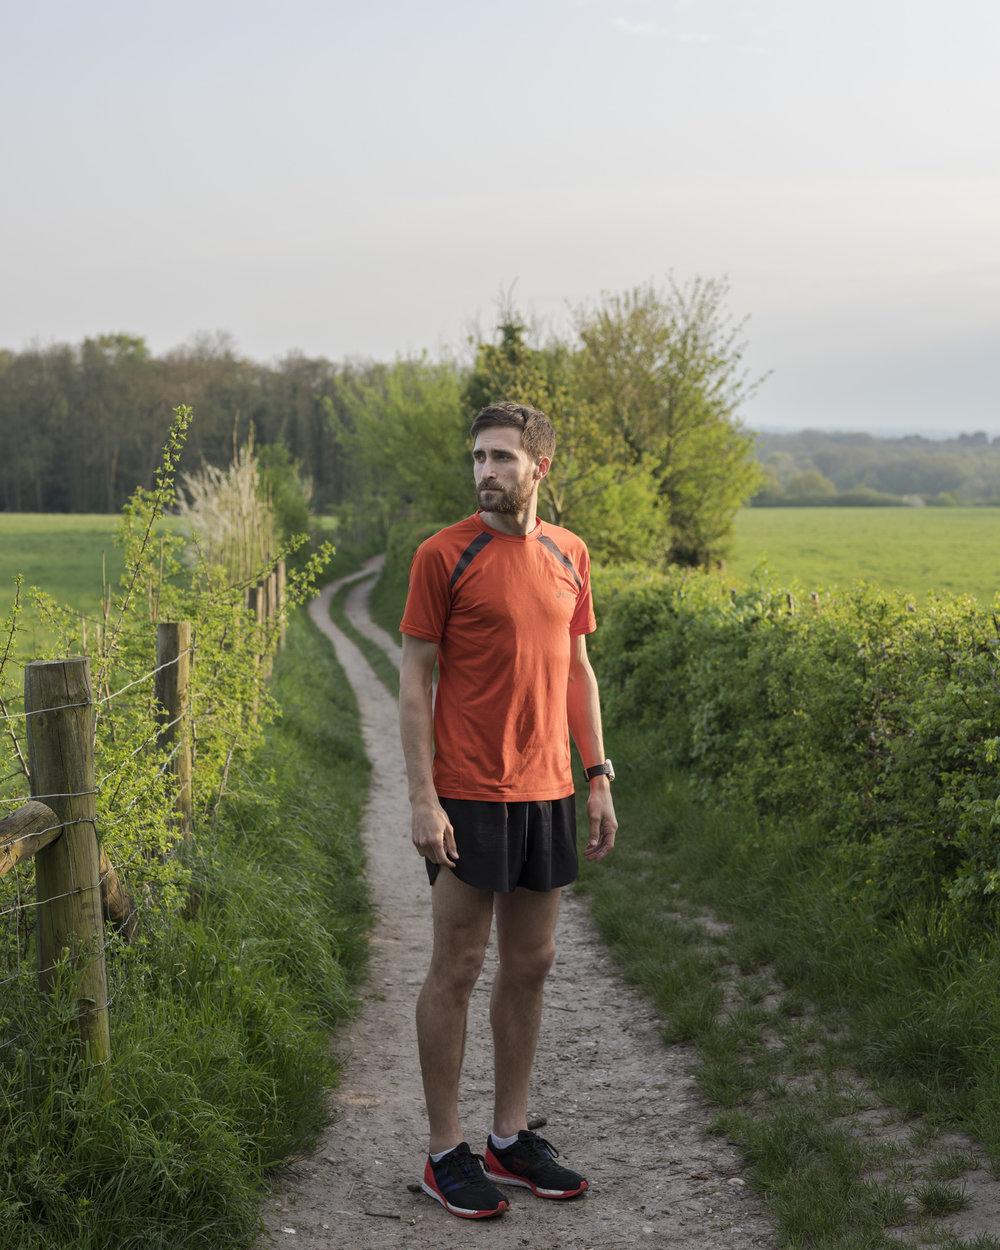 Self-portrait, Martin Eberlen, 2018